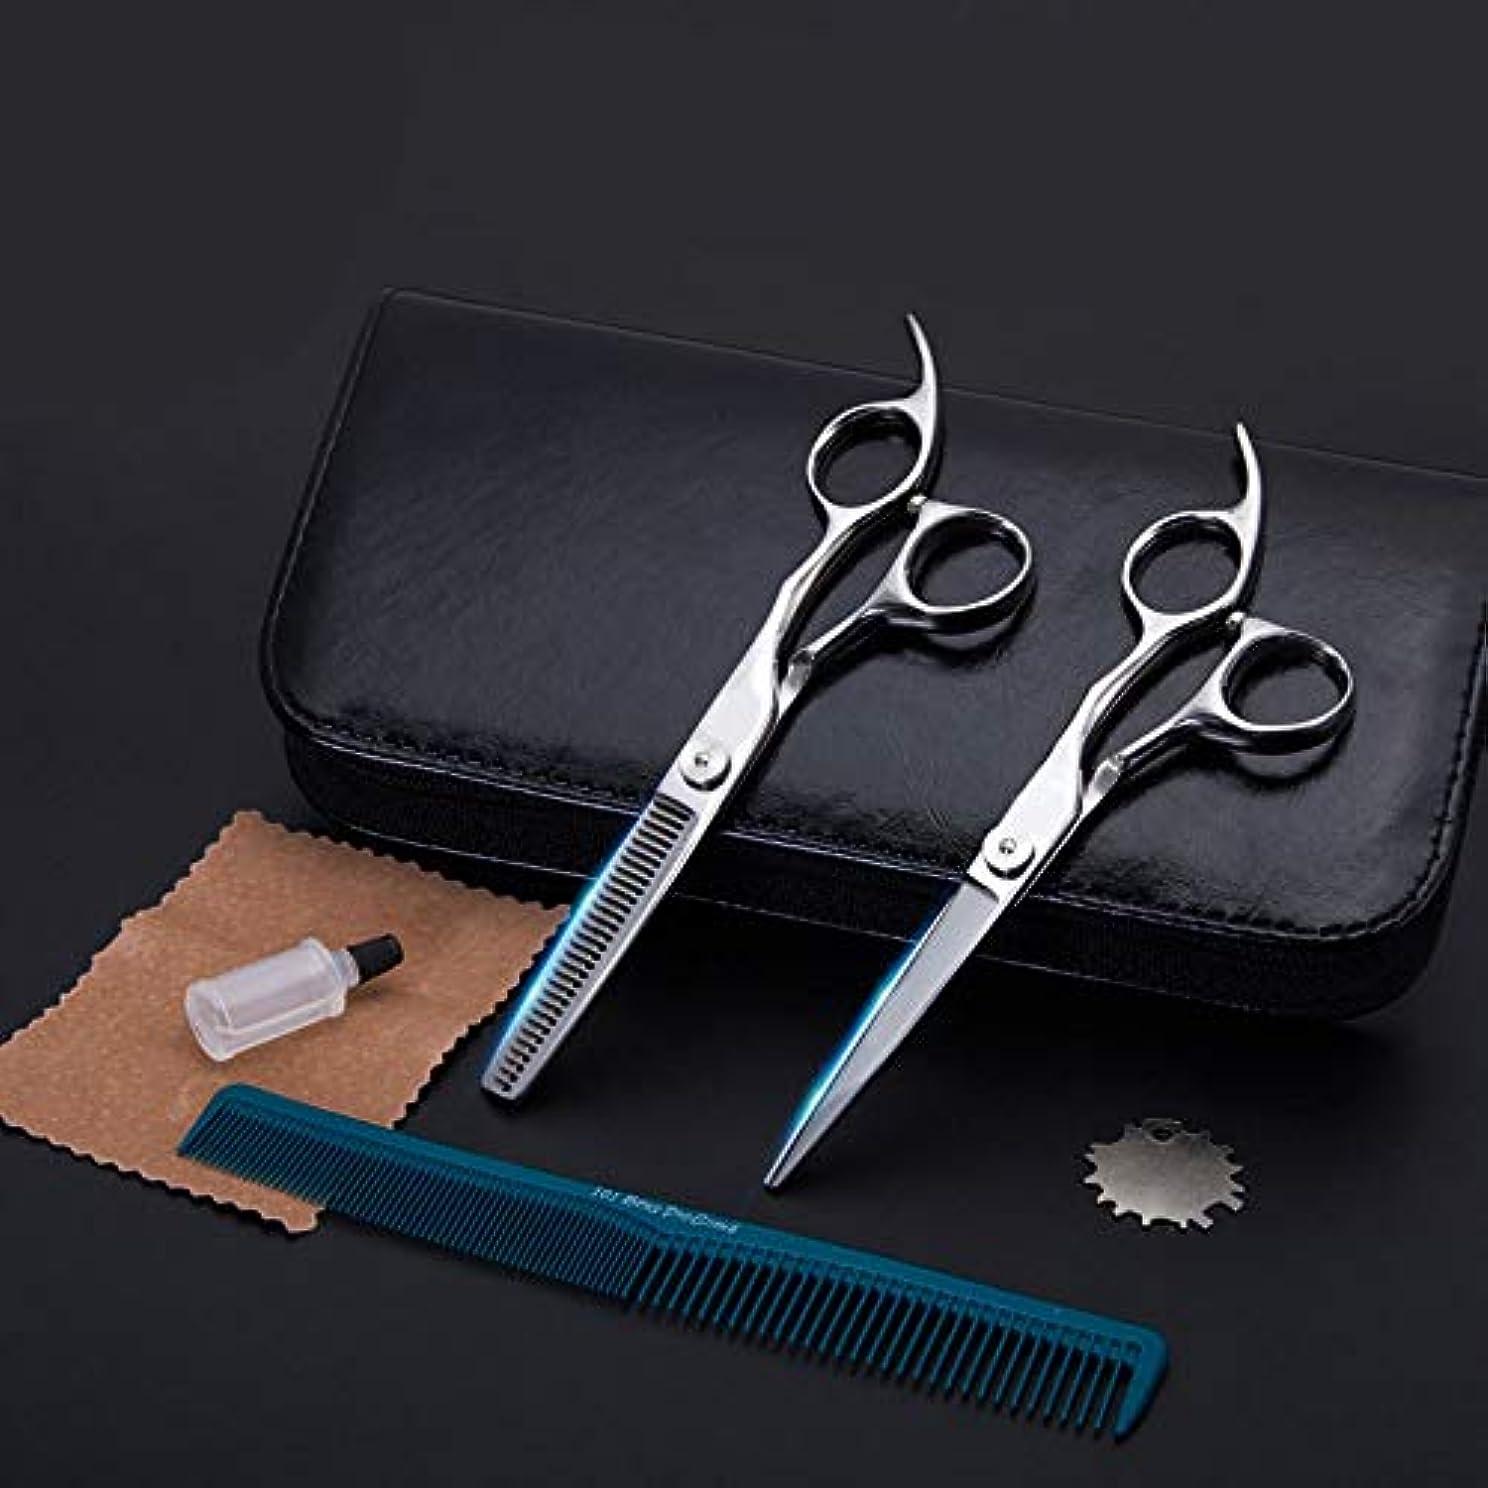 Goodsok-jp ハイエンドの理髪はさみ、6インチの理髪師の理髪セットの歯のはさみの平らなせん断 (色 : Silver)